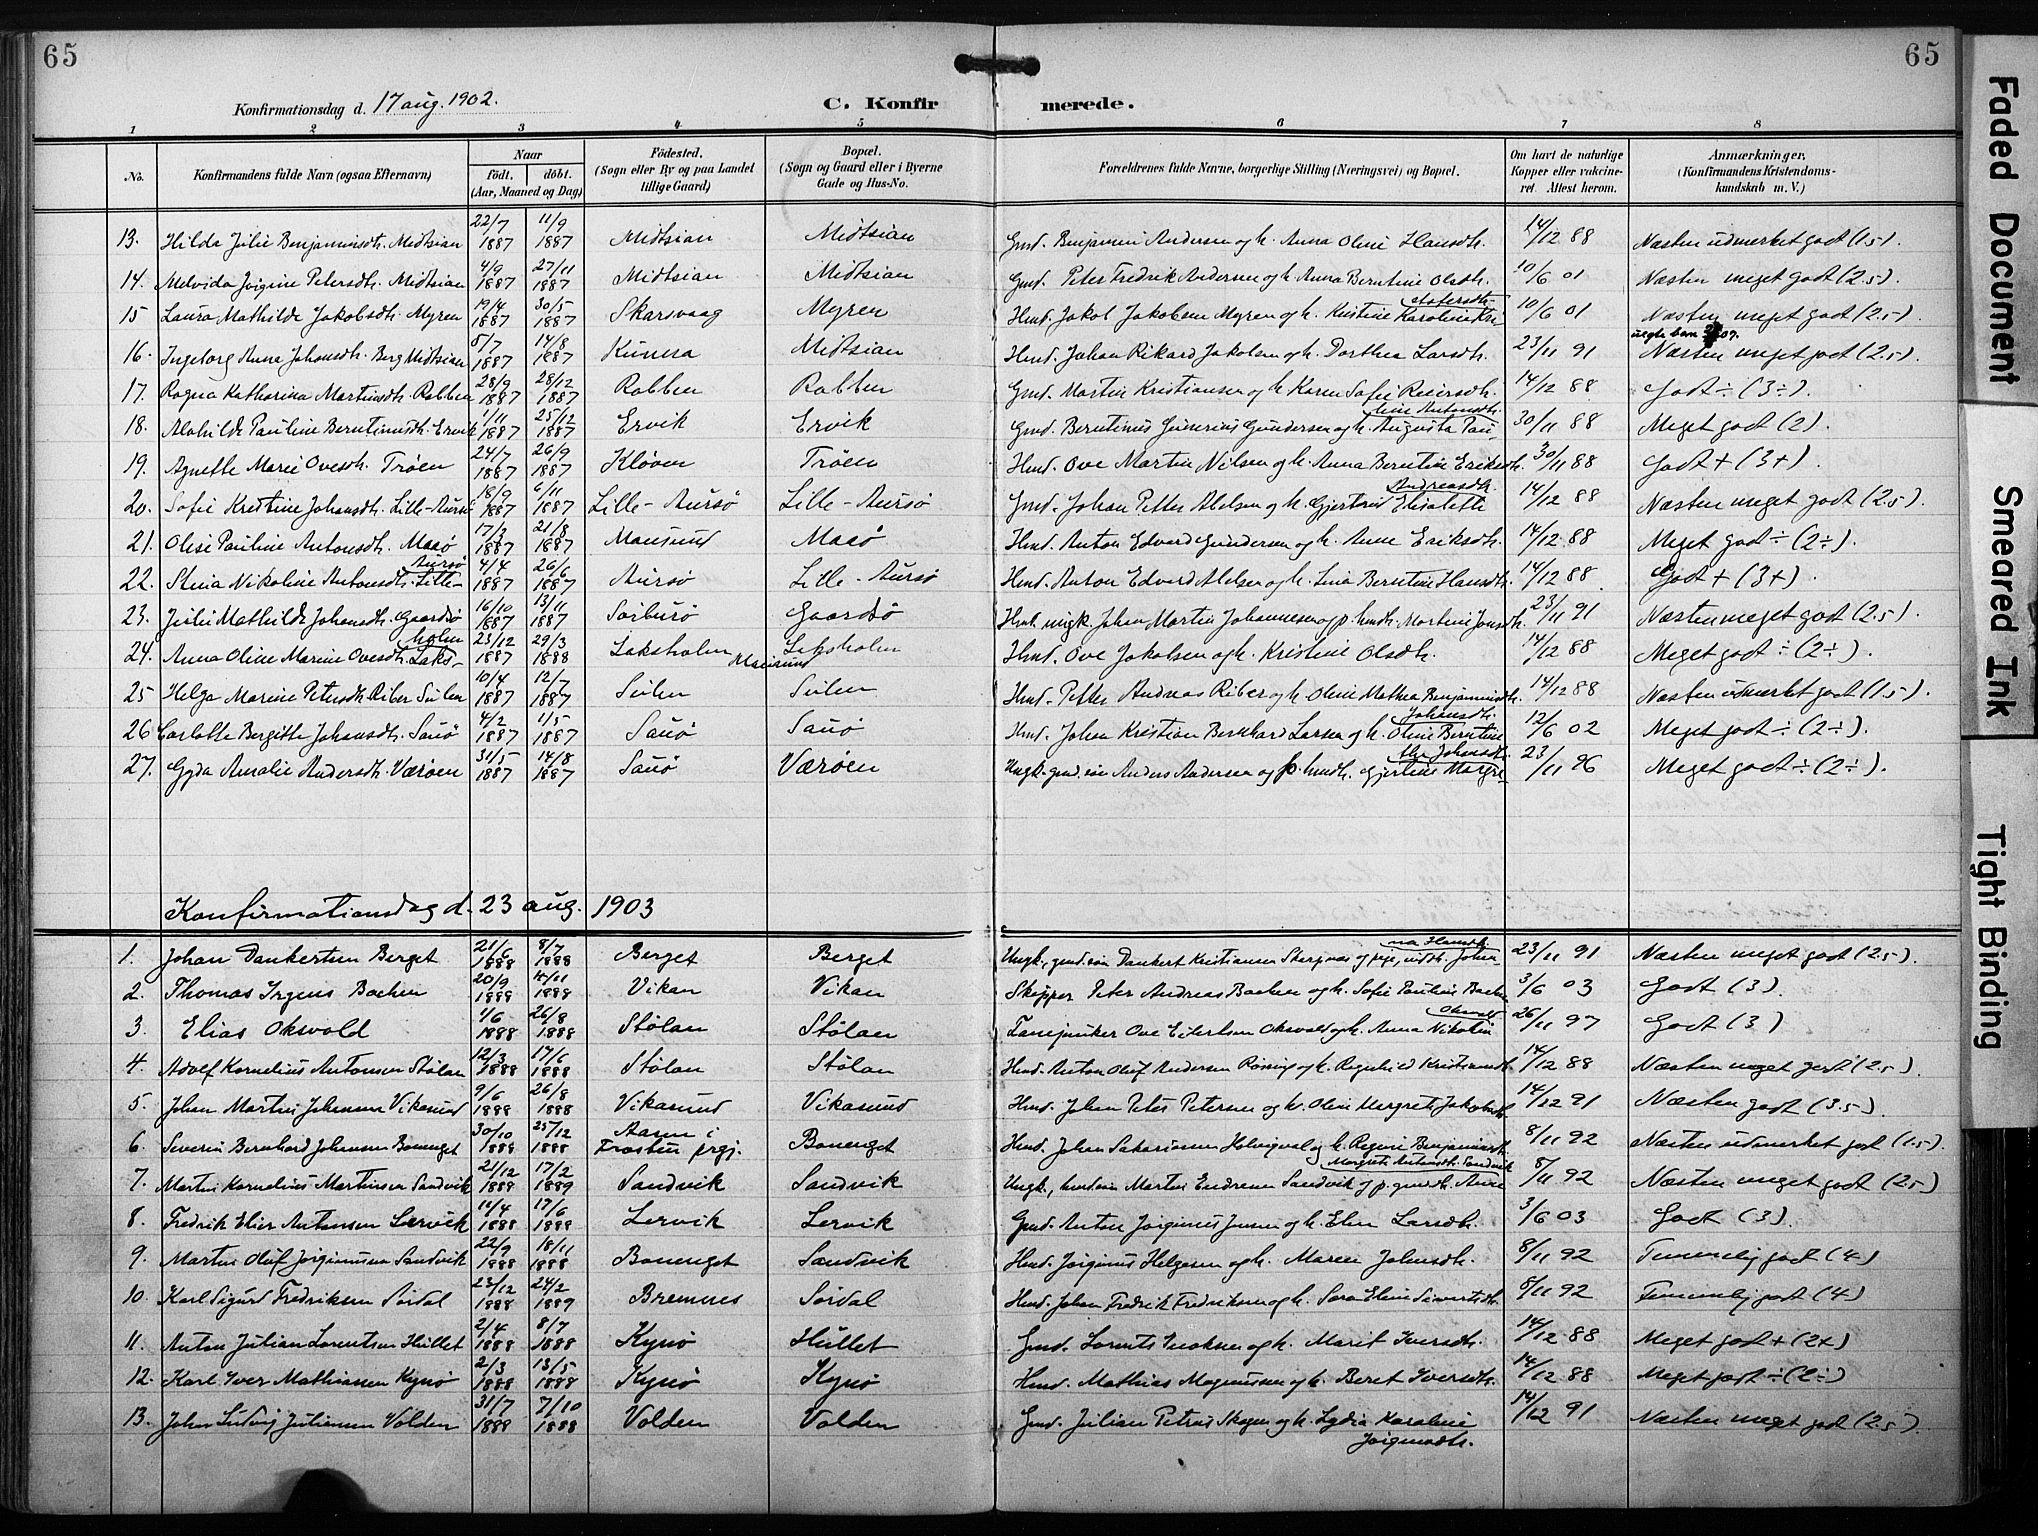 SAT, Ministerialprotokoller, klokkerbøker og fødselsregistre - Sør-Trøndelag, 640/L0580: Ministerialbok nr. 640A05, 1902-1910, s. 65